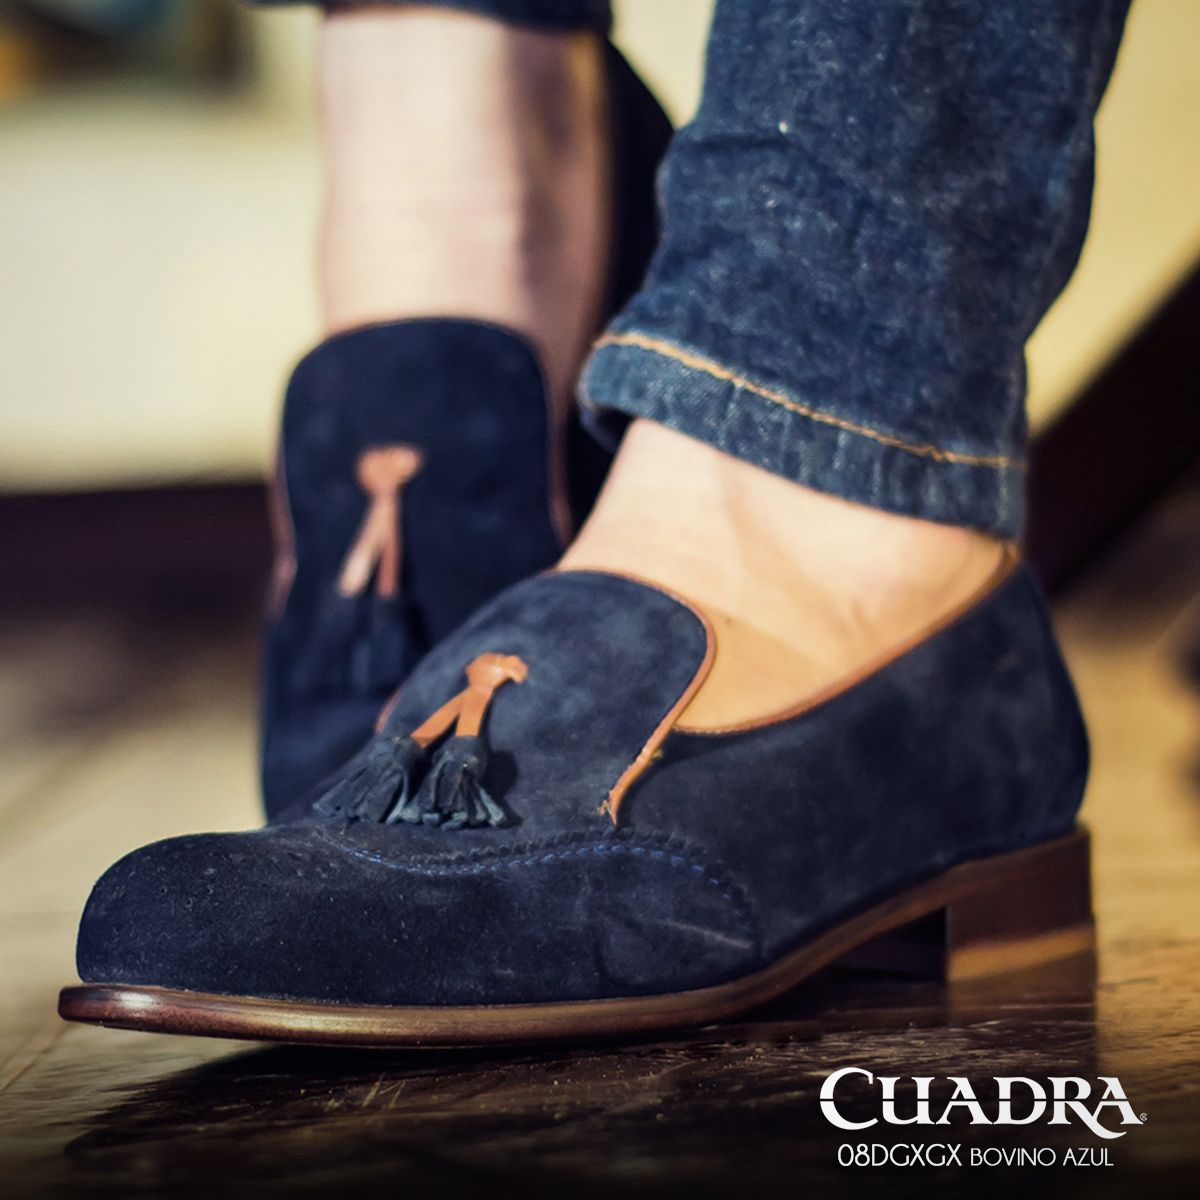 Disponibles en Tienda en Línea. #moda#fashion#shoes#calzado#azul